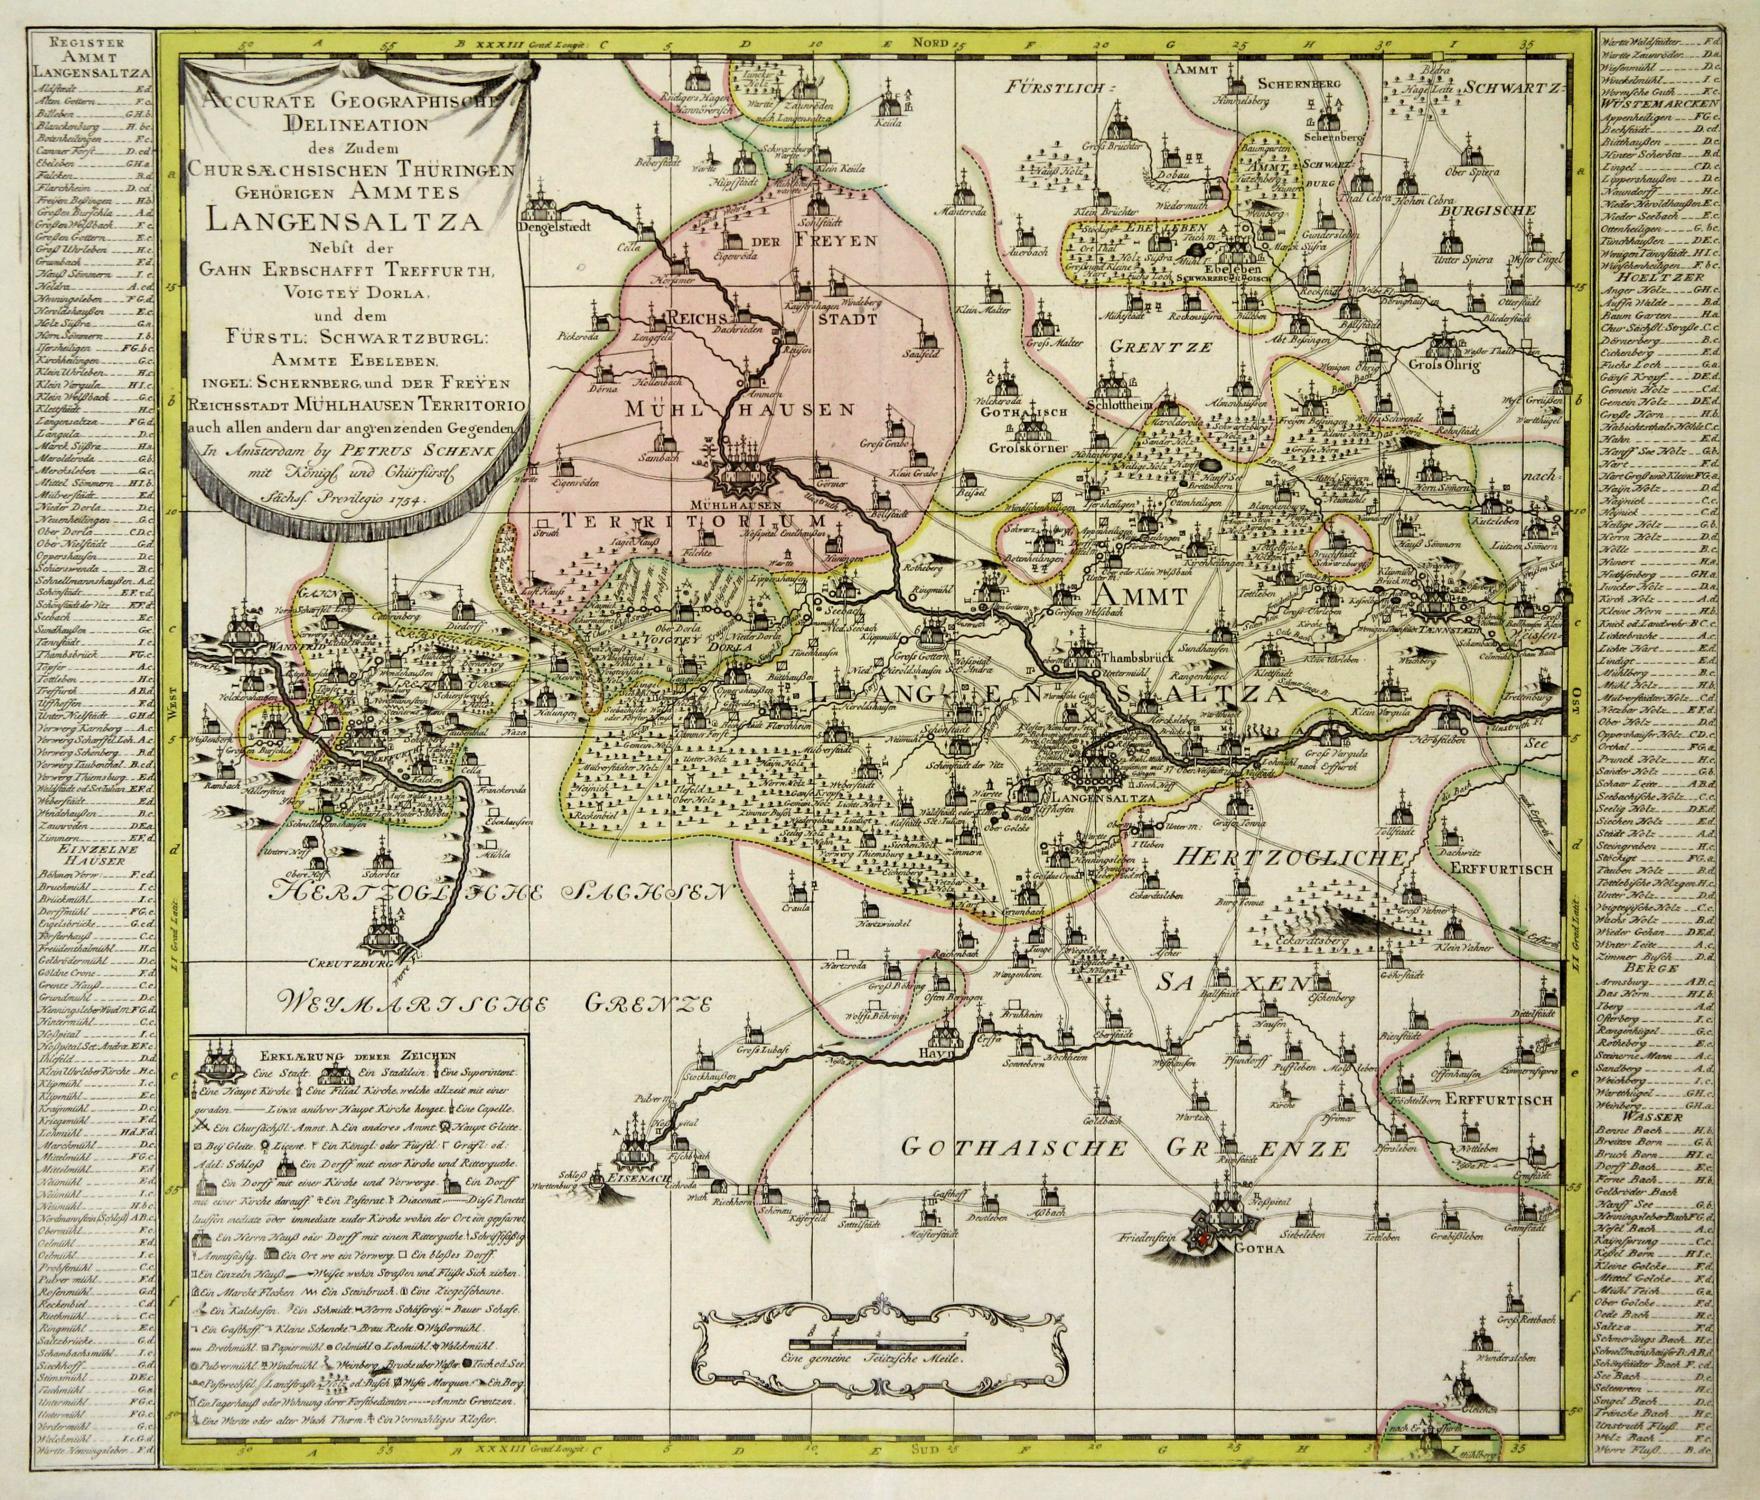 """Kupferstich- Karte, b. P. Schenk, """"Accurate Geographische: BAD LANGENSALZA ("""